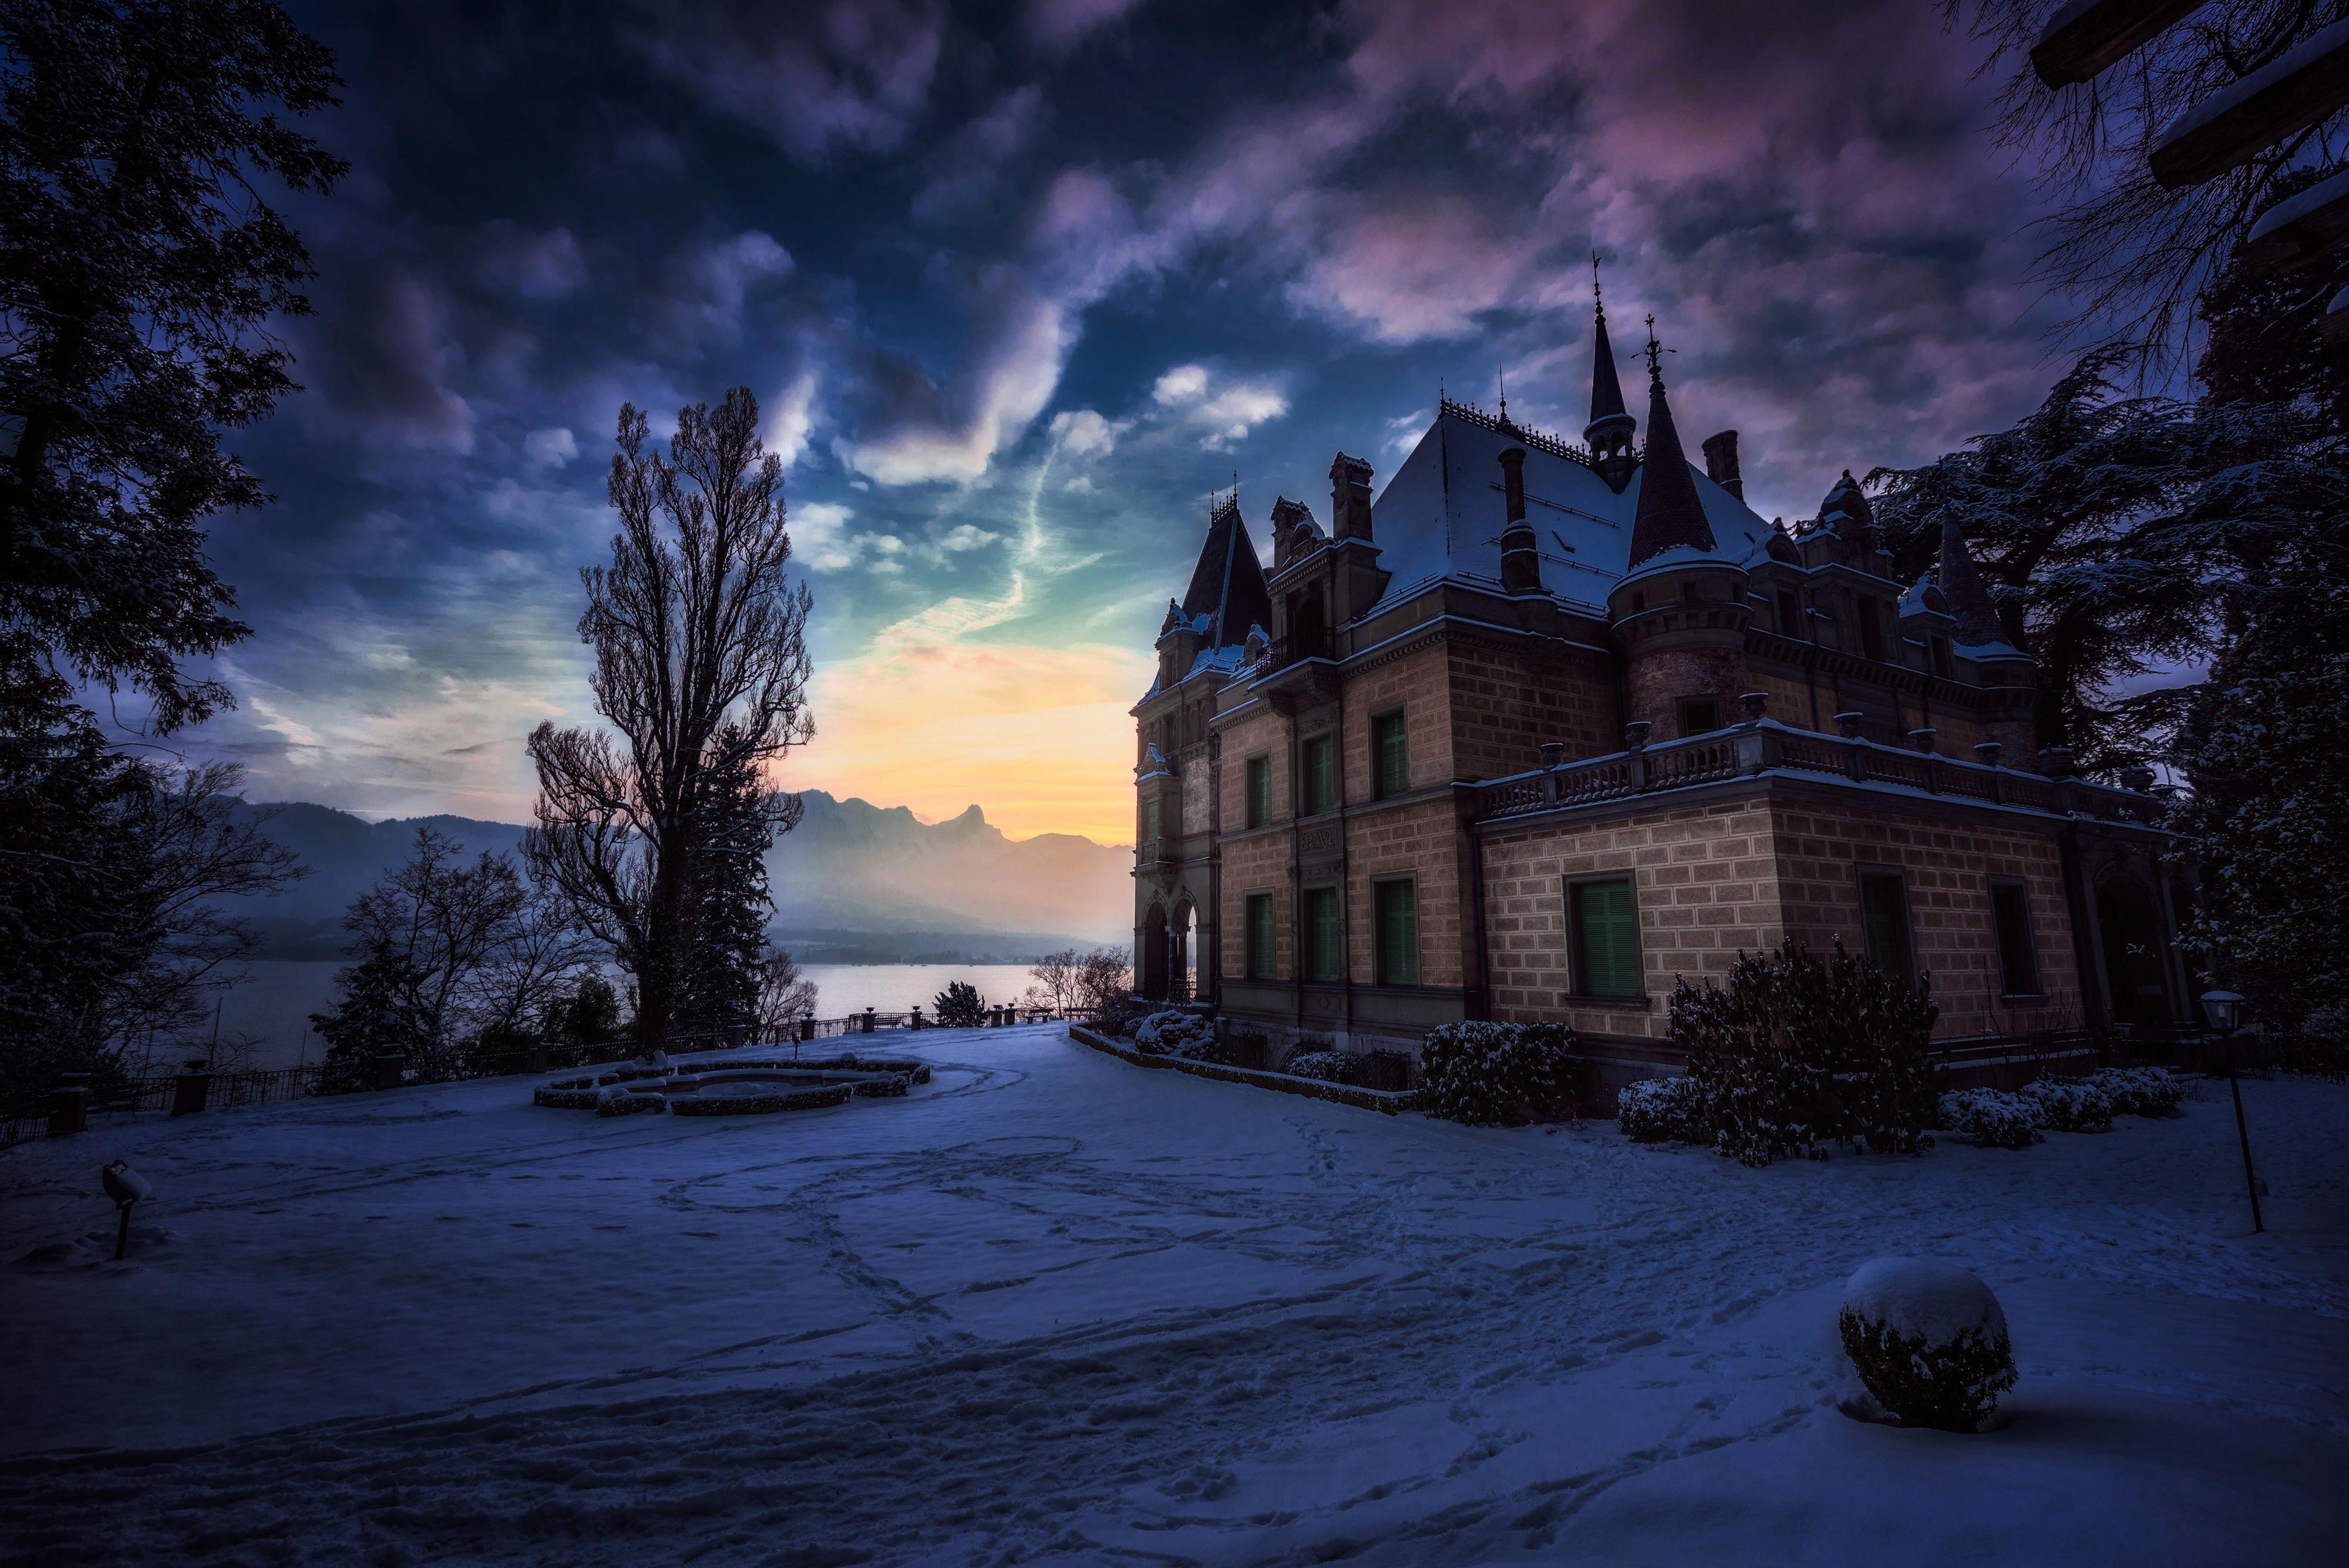 Замок швейцария вечер  № 2569318 загрузить